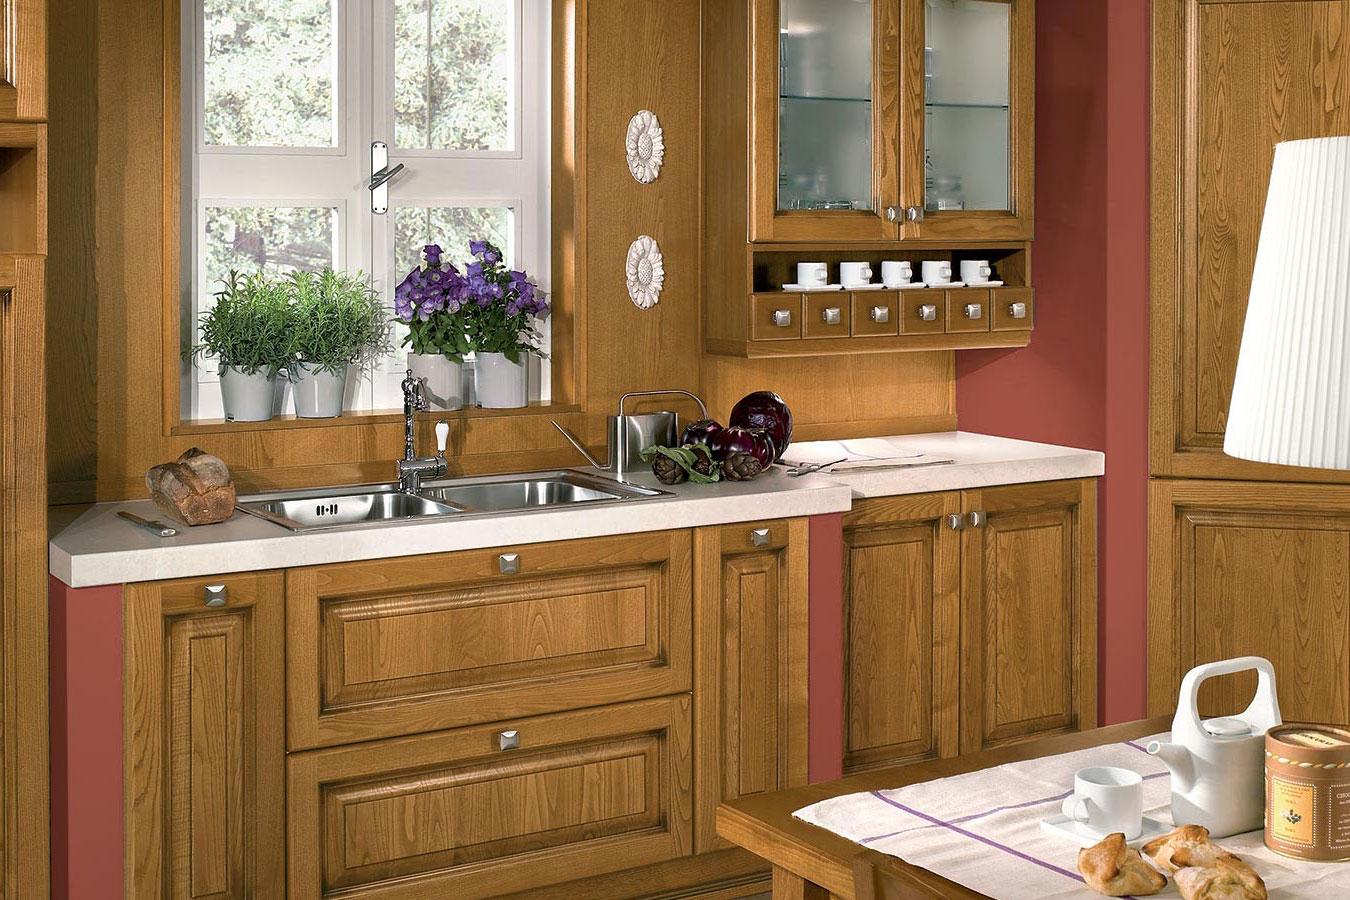 Arredamento cucina classica finest cucina classica - Arredamento cucina classica ...